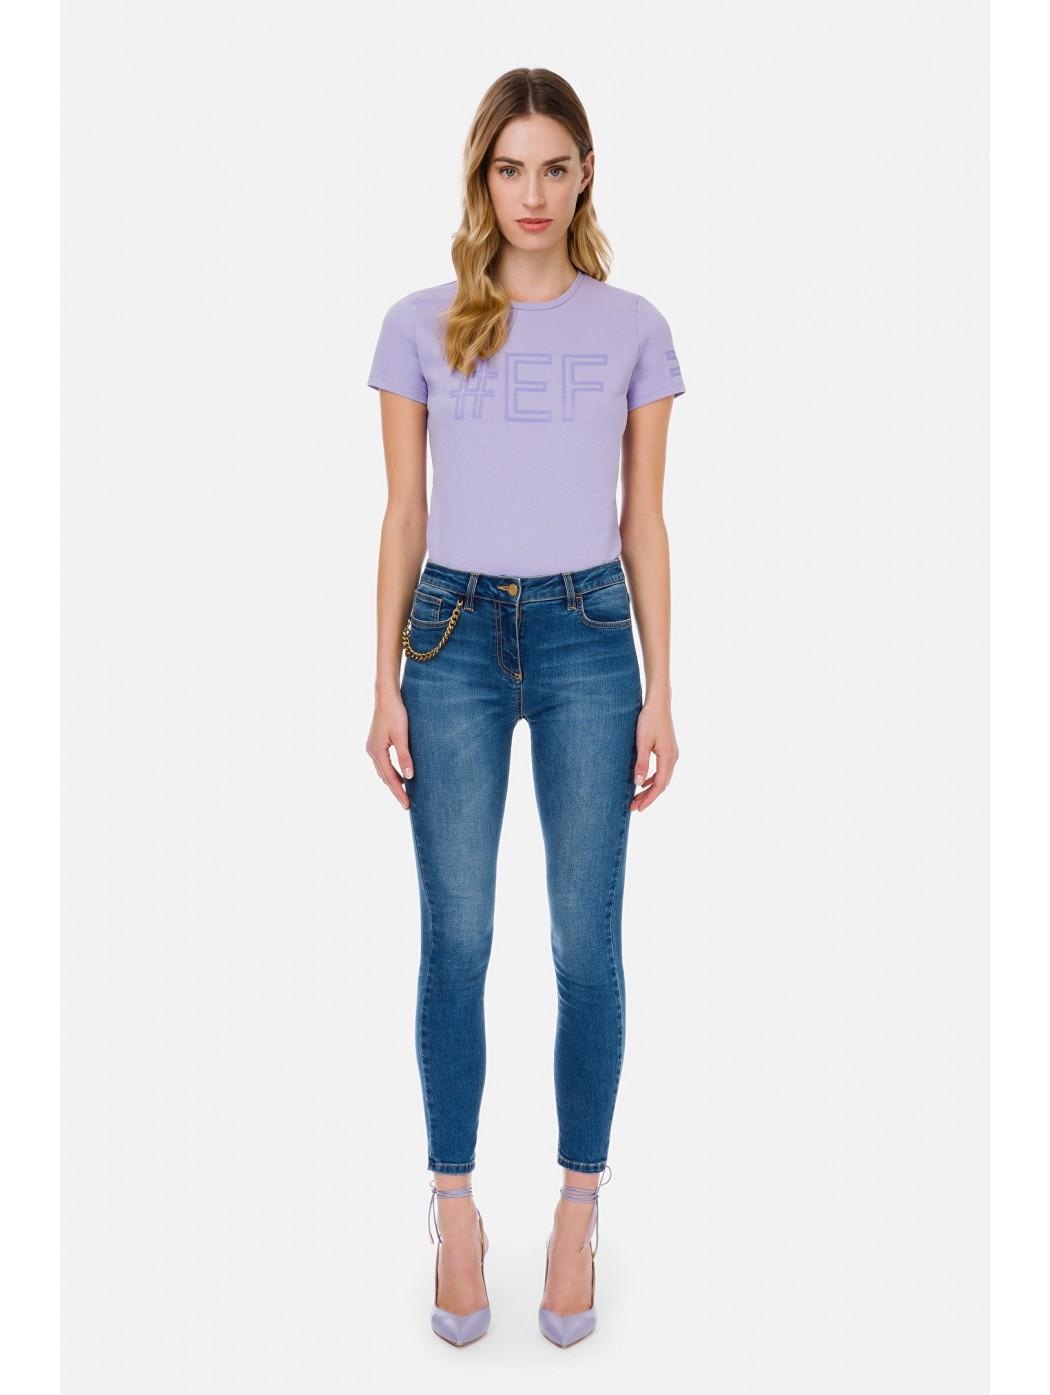 Jeans skinny con charm in oro vecchio ELISABETTA  FRANCHI PJ04S11E2 104